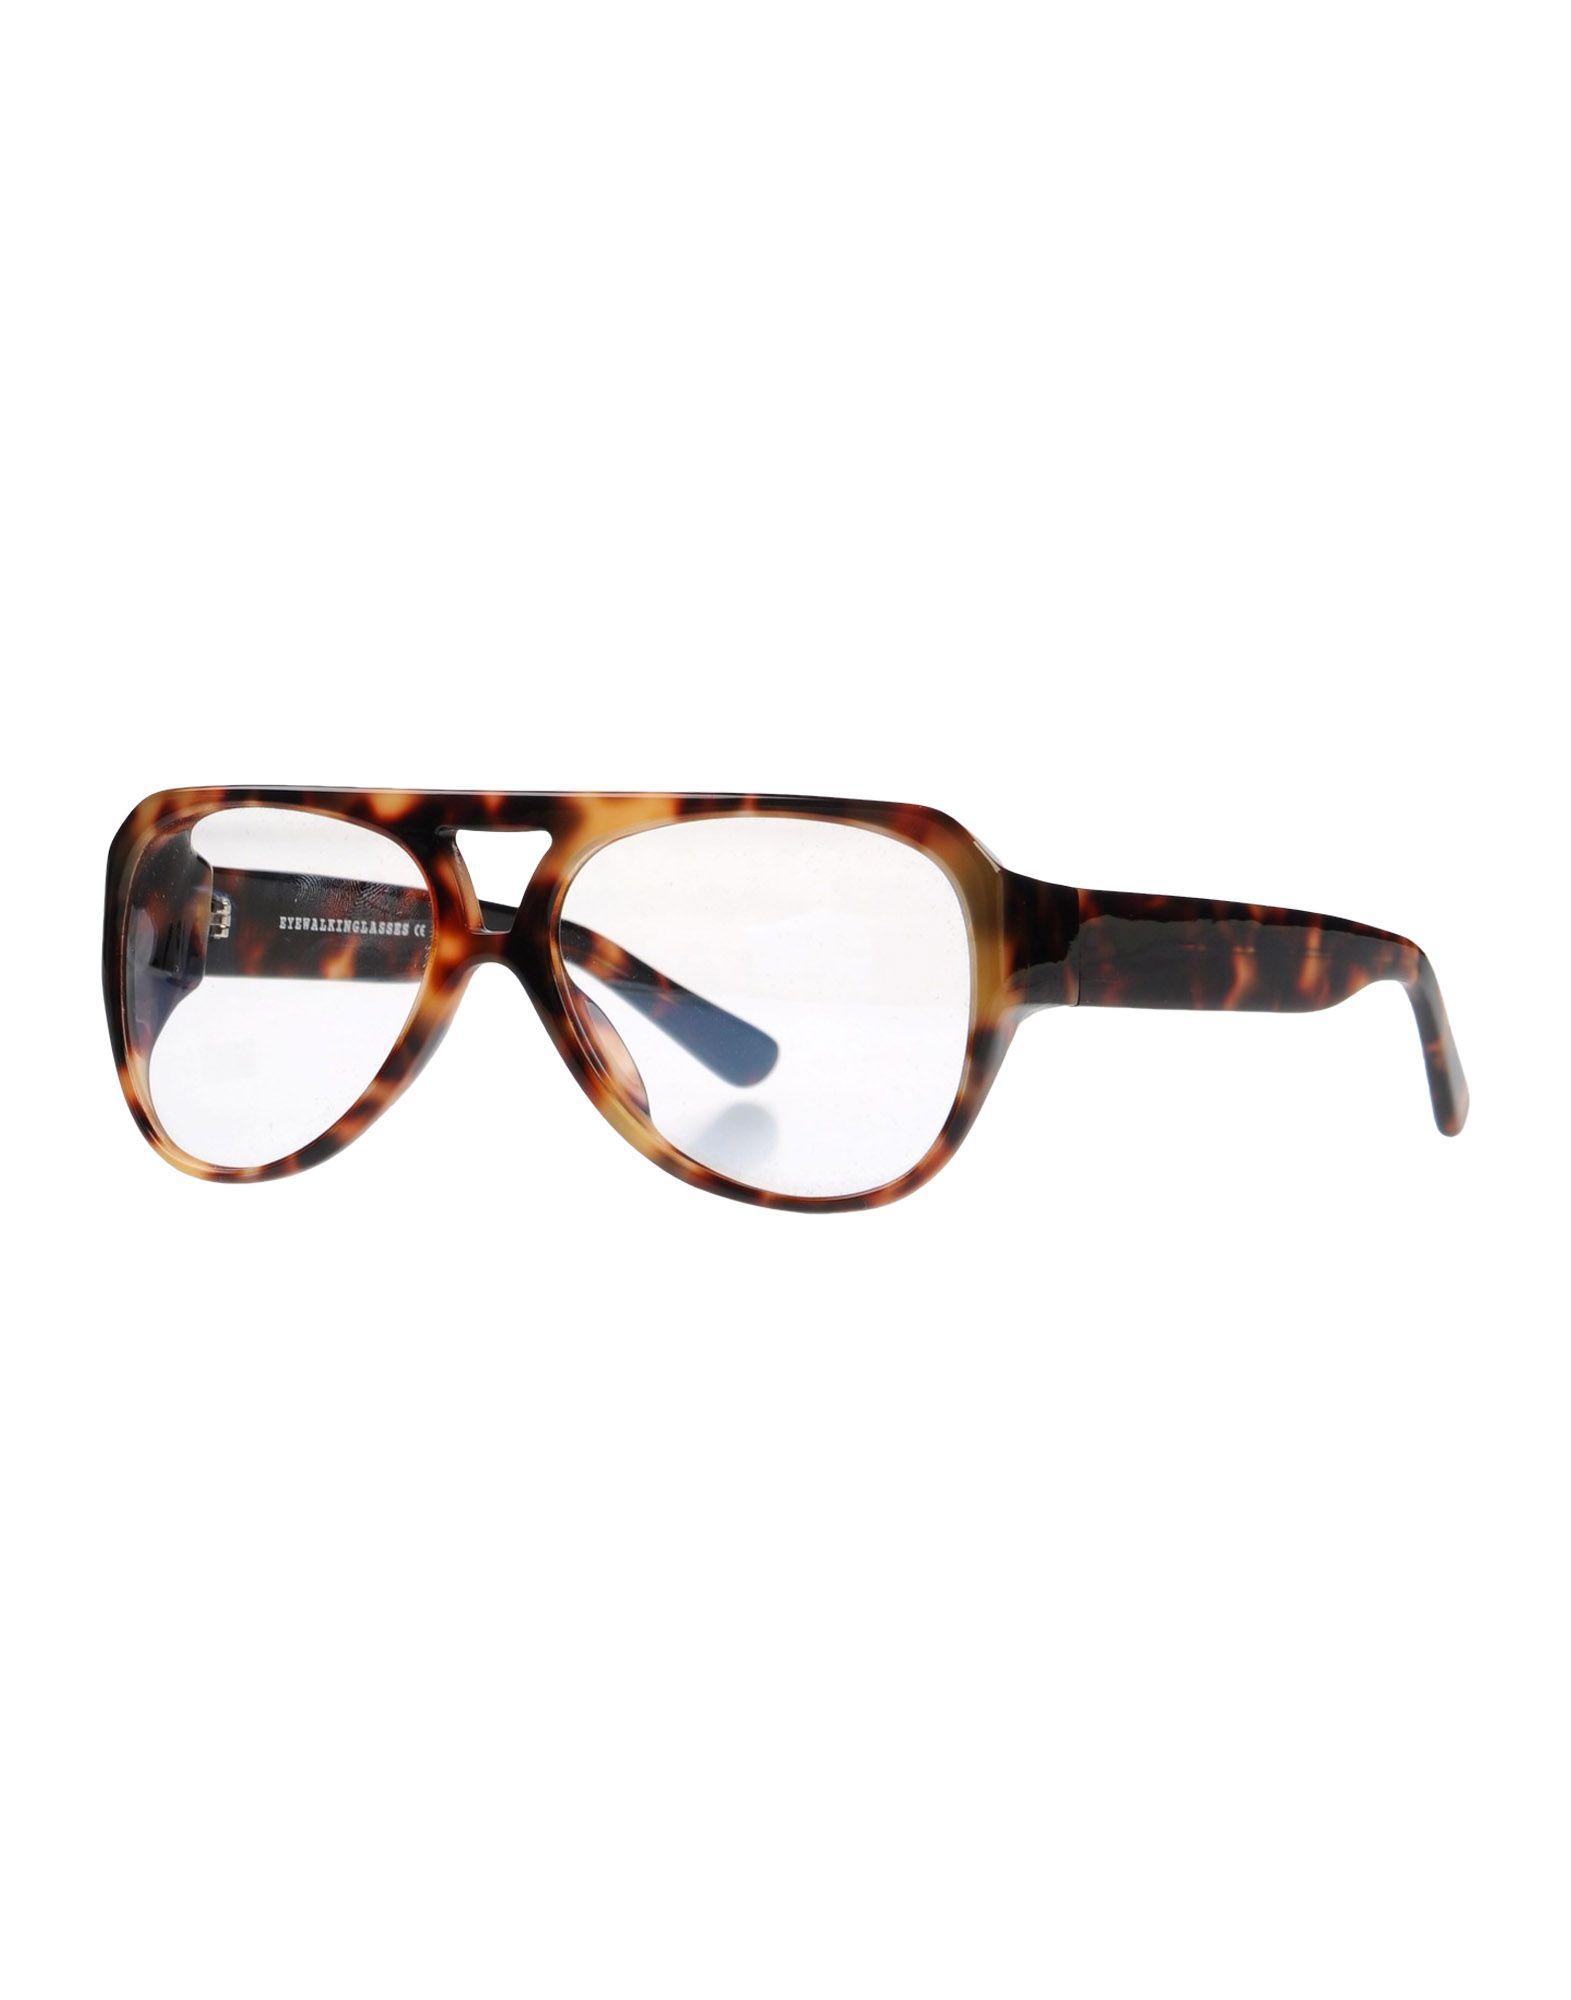 EYEWALKINGLASSES Herren Brille Farbe Dunkelbraun Größe 1